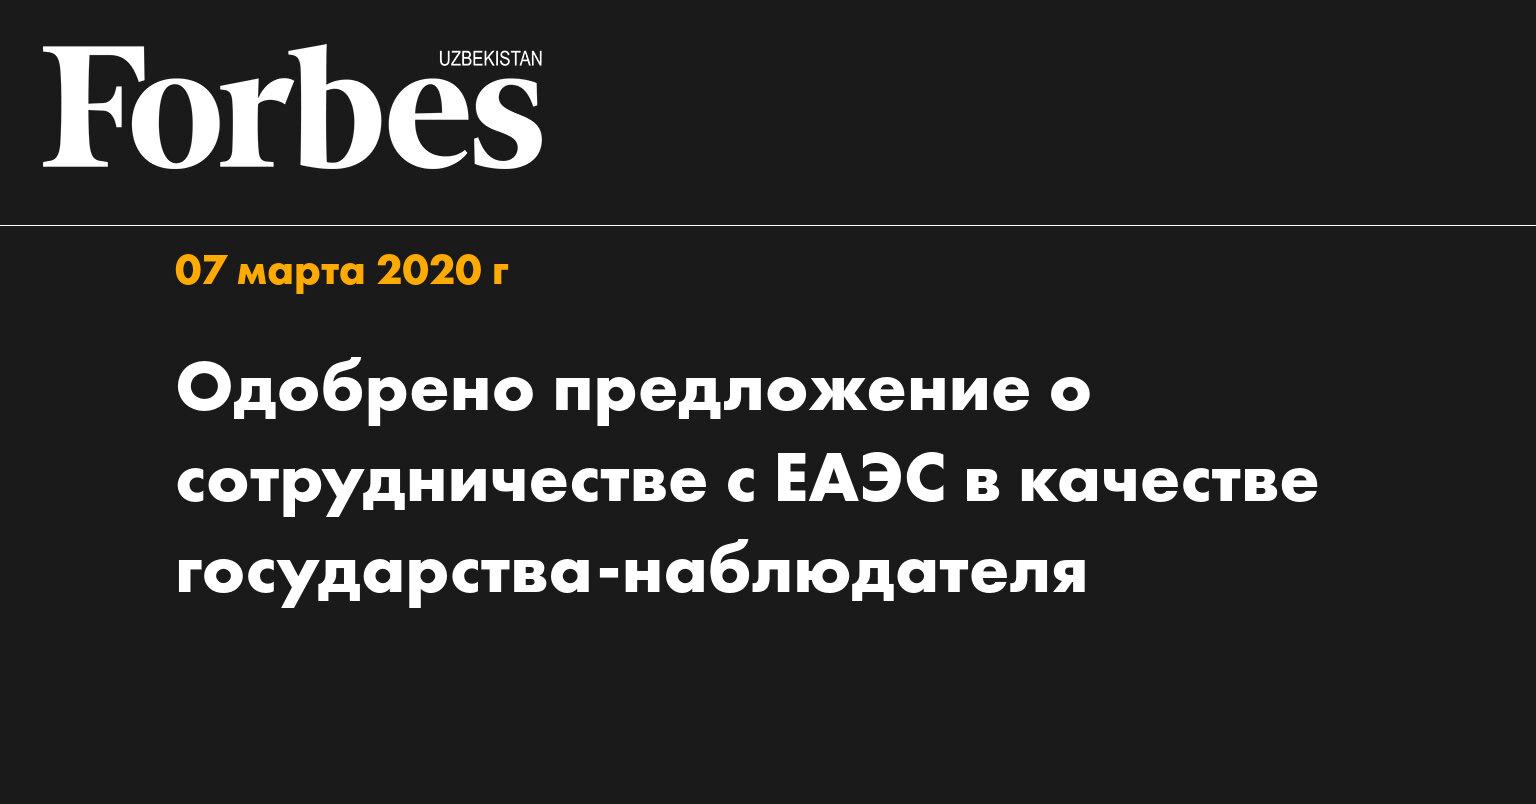 Одобрено предложение о сотрудничестве с ЕАЭС в качестве государства-наблюдателя